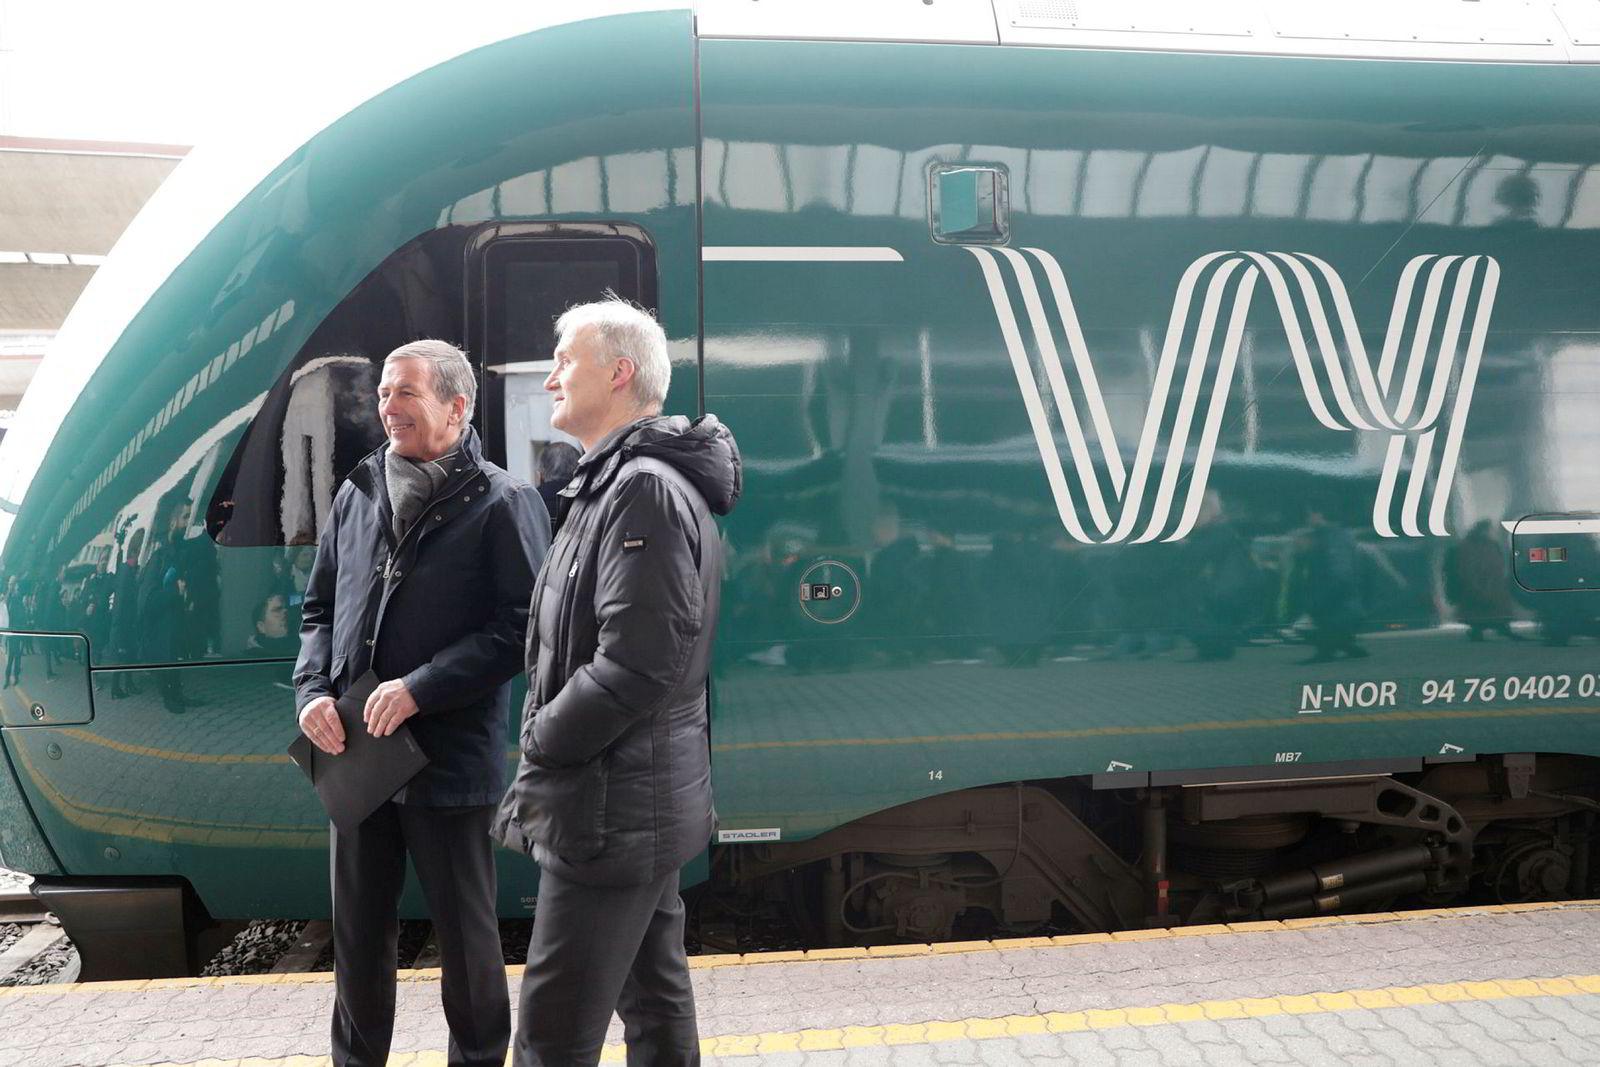 Når NSB bytter navn til Vy vil også togene bli grønne. Styreleder i NSB, Dag Mejdell (til venstre) og konsernsjef i NSB Geir Isaksen.